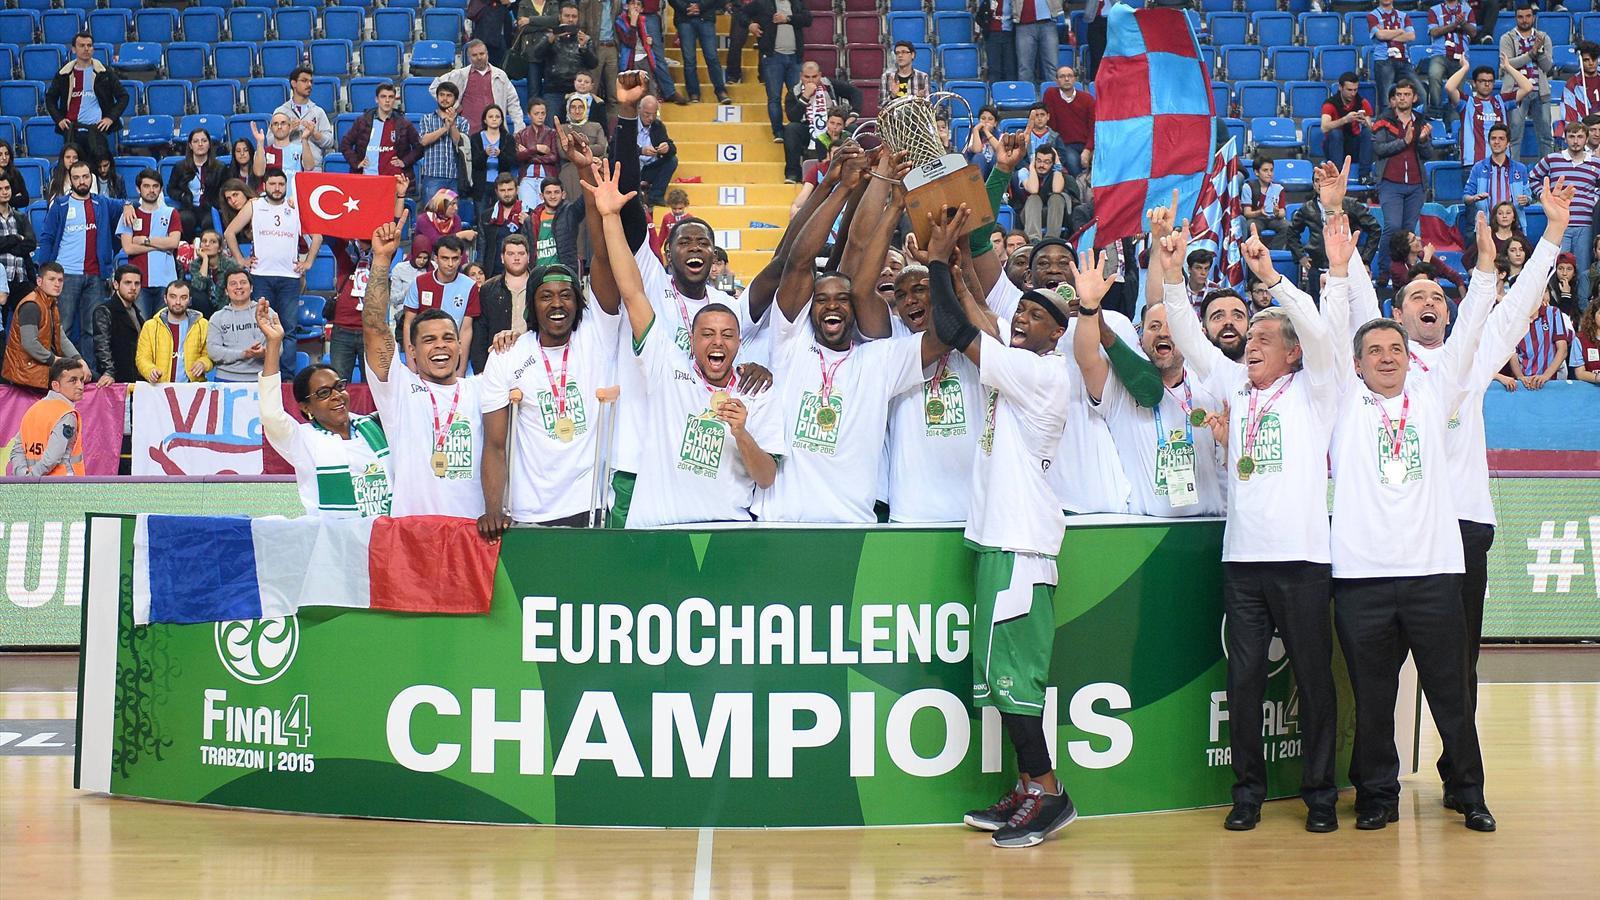 Treize ans apr s nancy nanterre remporte une coupe d 39 europe et embellit son histoire - Coupe d europe de basket feminin ...